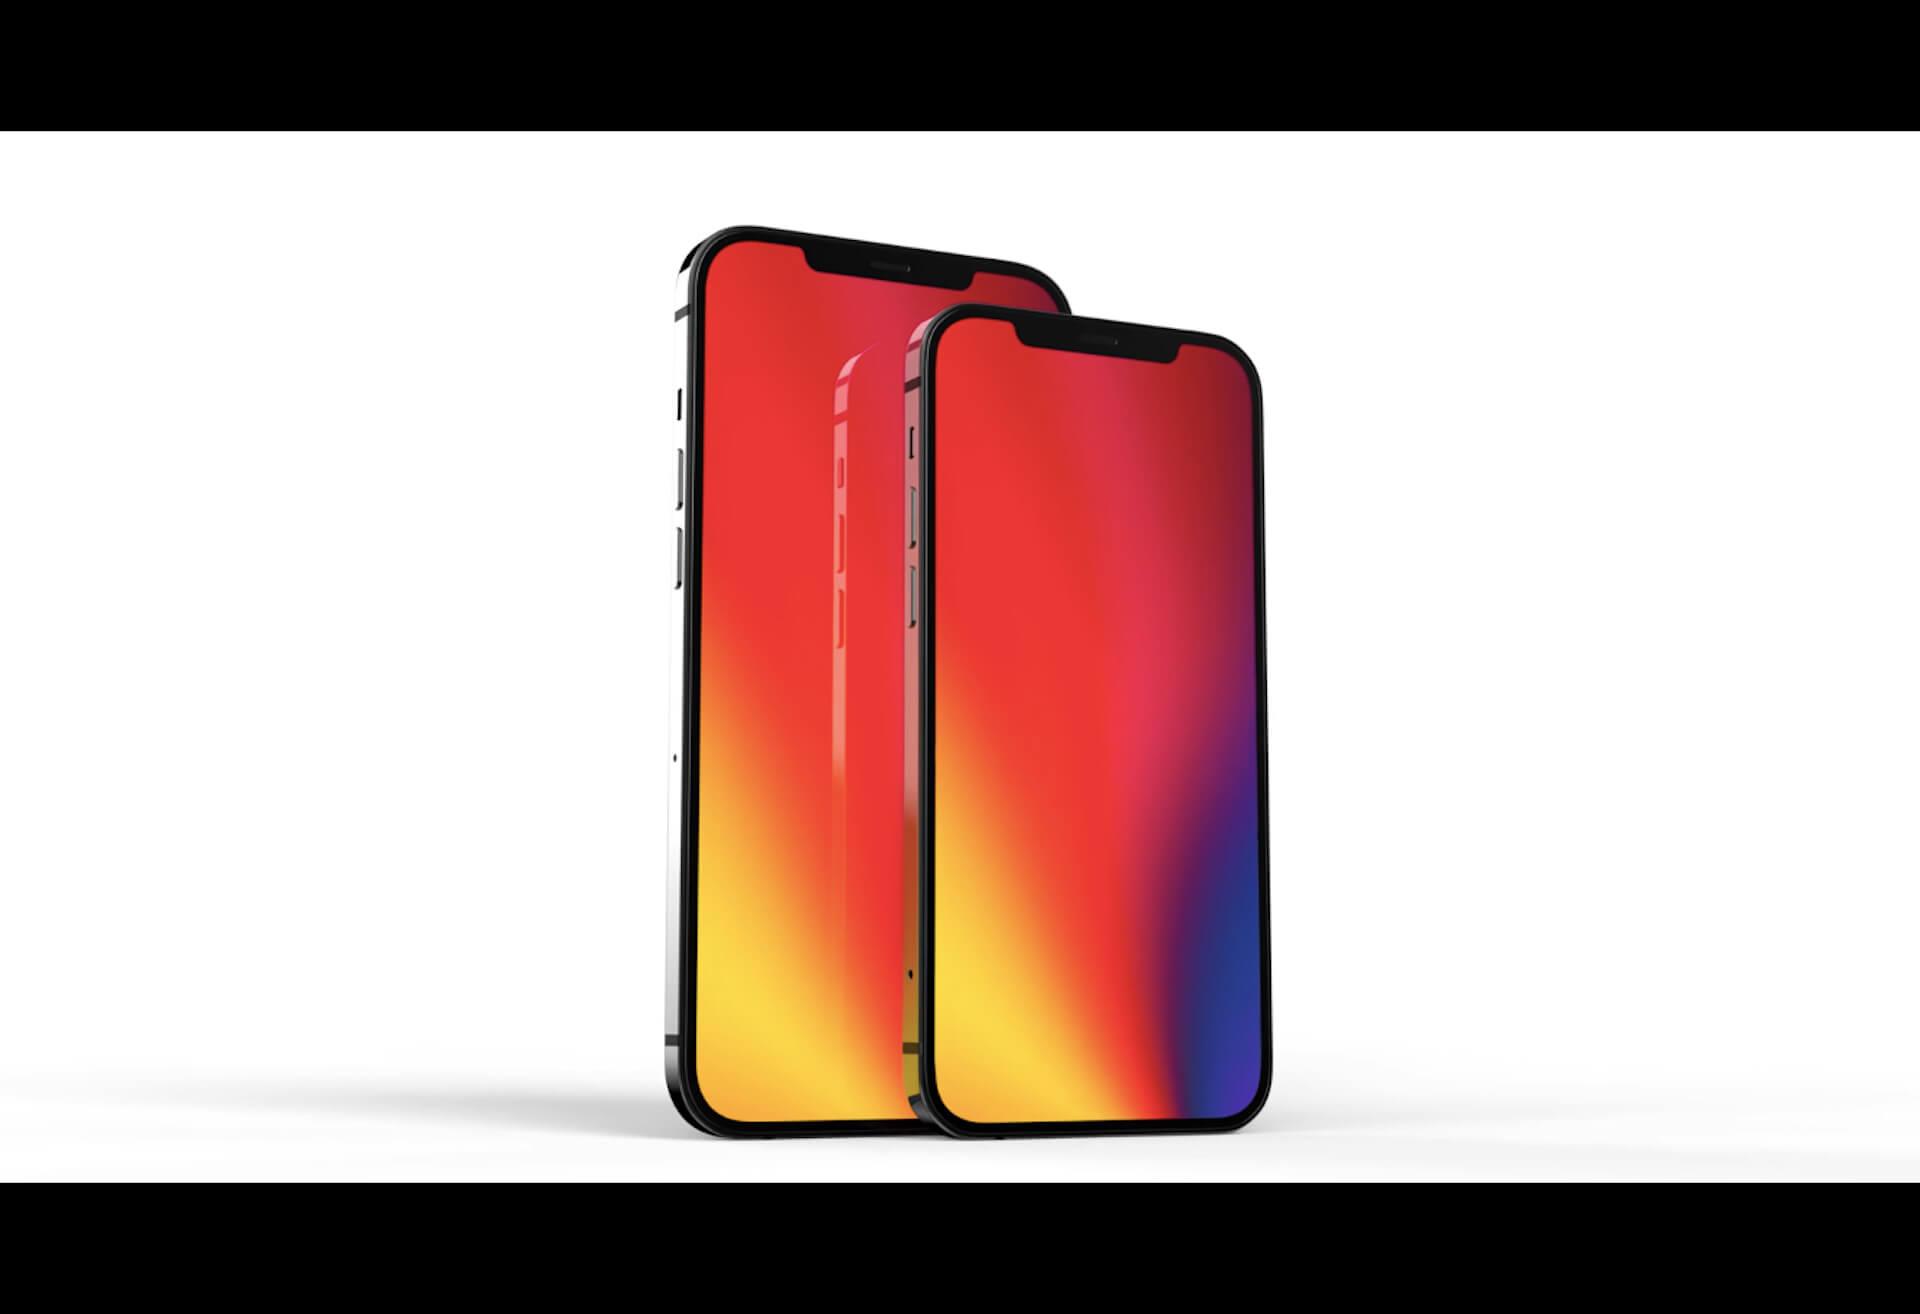 9月発表の新型iPhoneのProシリーズでついに120Hzのリフレッシュレート実現?LTPO搭載か tech210125_iphone13_main